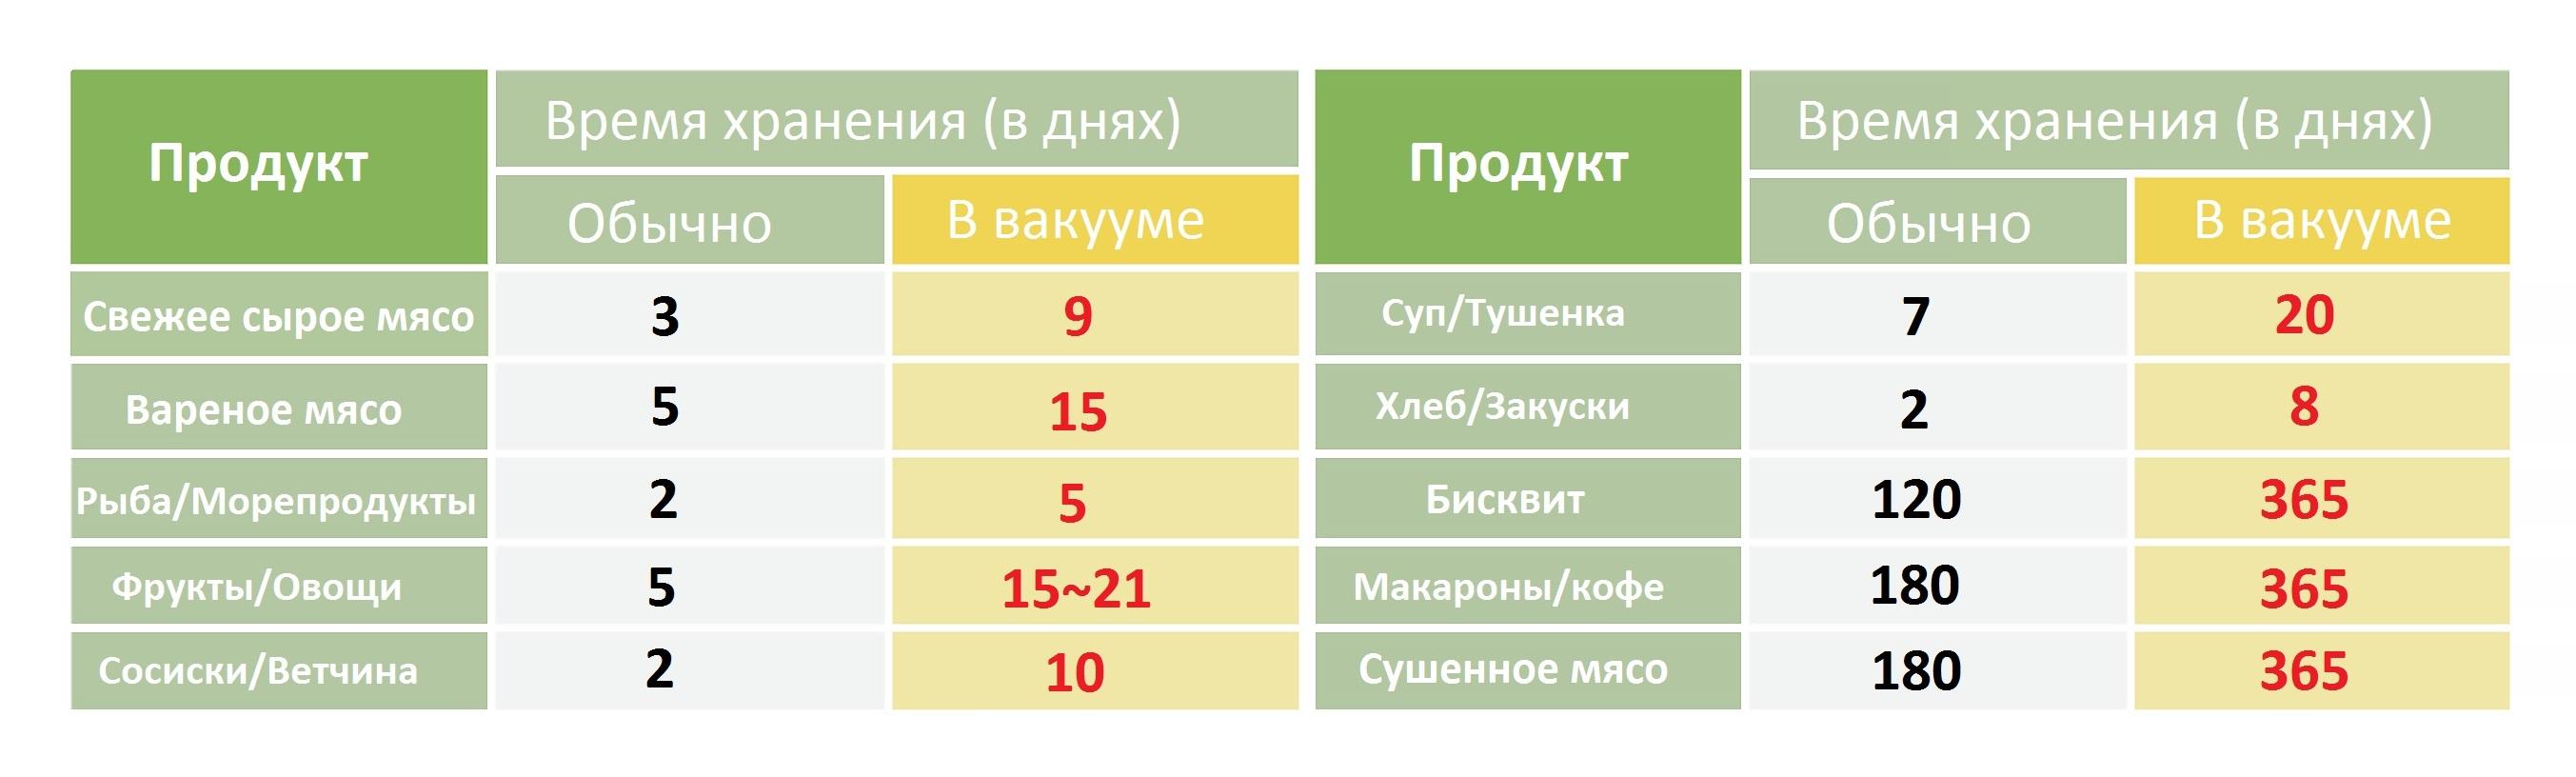 DLYa_TABLITsY.jpg